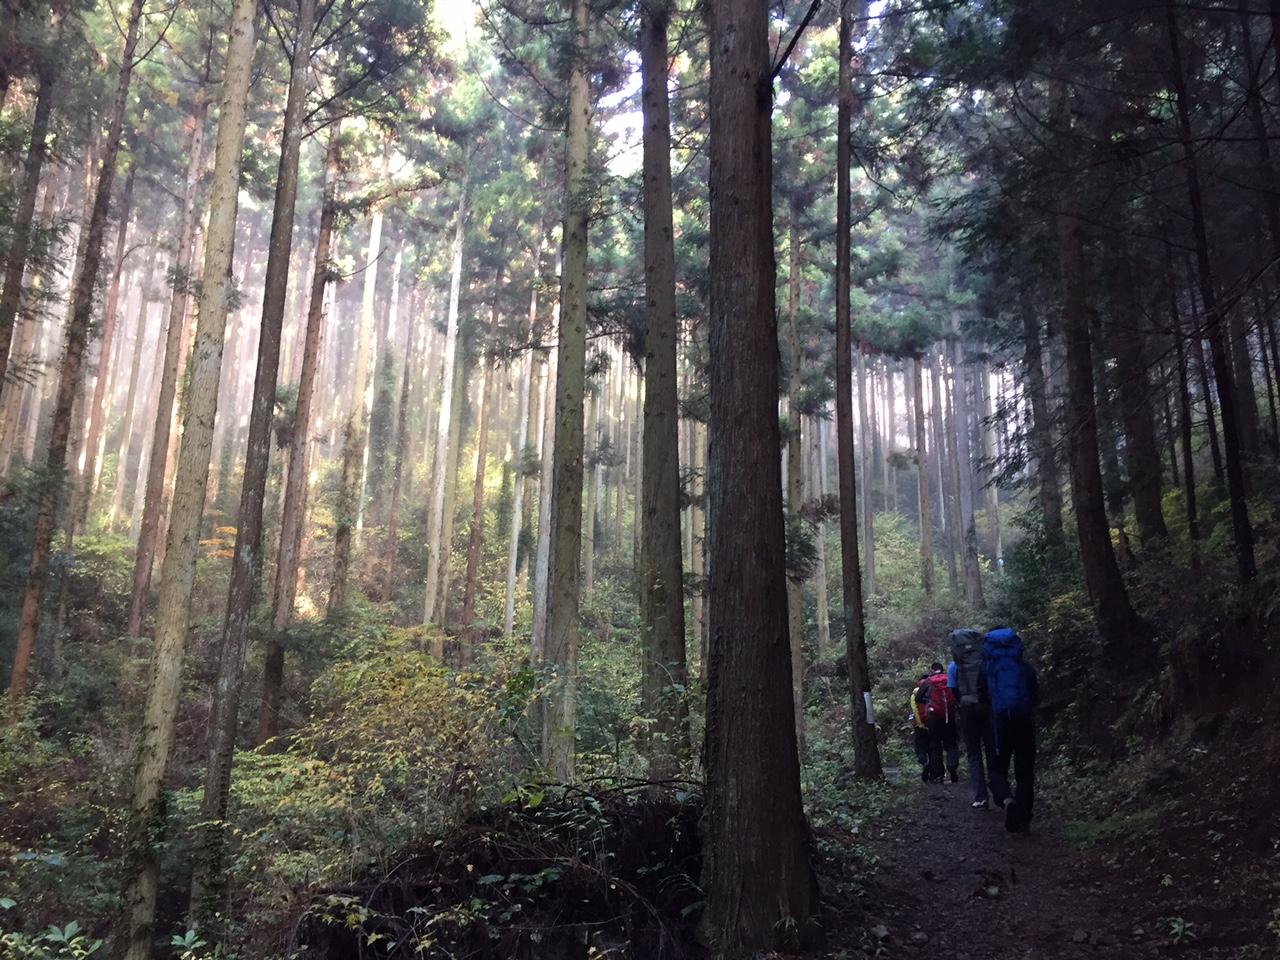 クライミング地点までの林道。神秘的な情景にこころが自然にもどります。